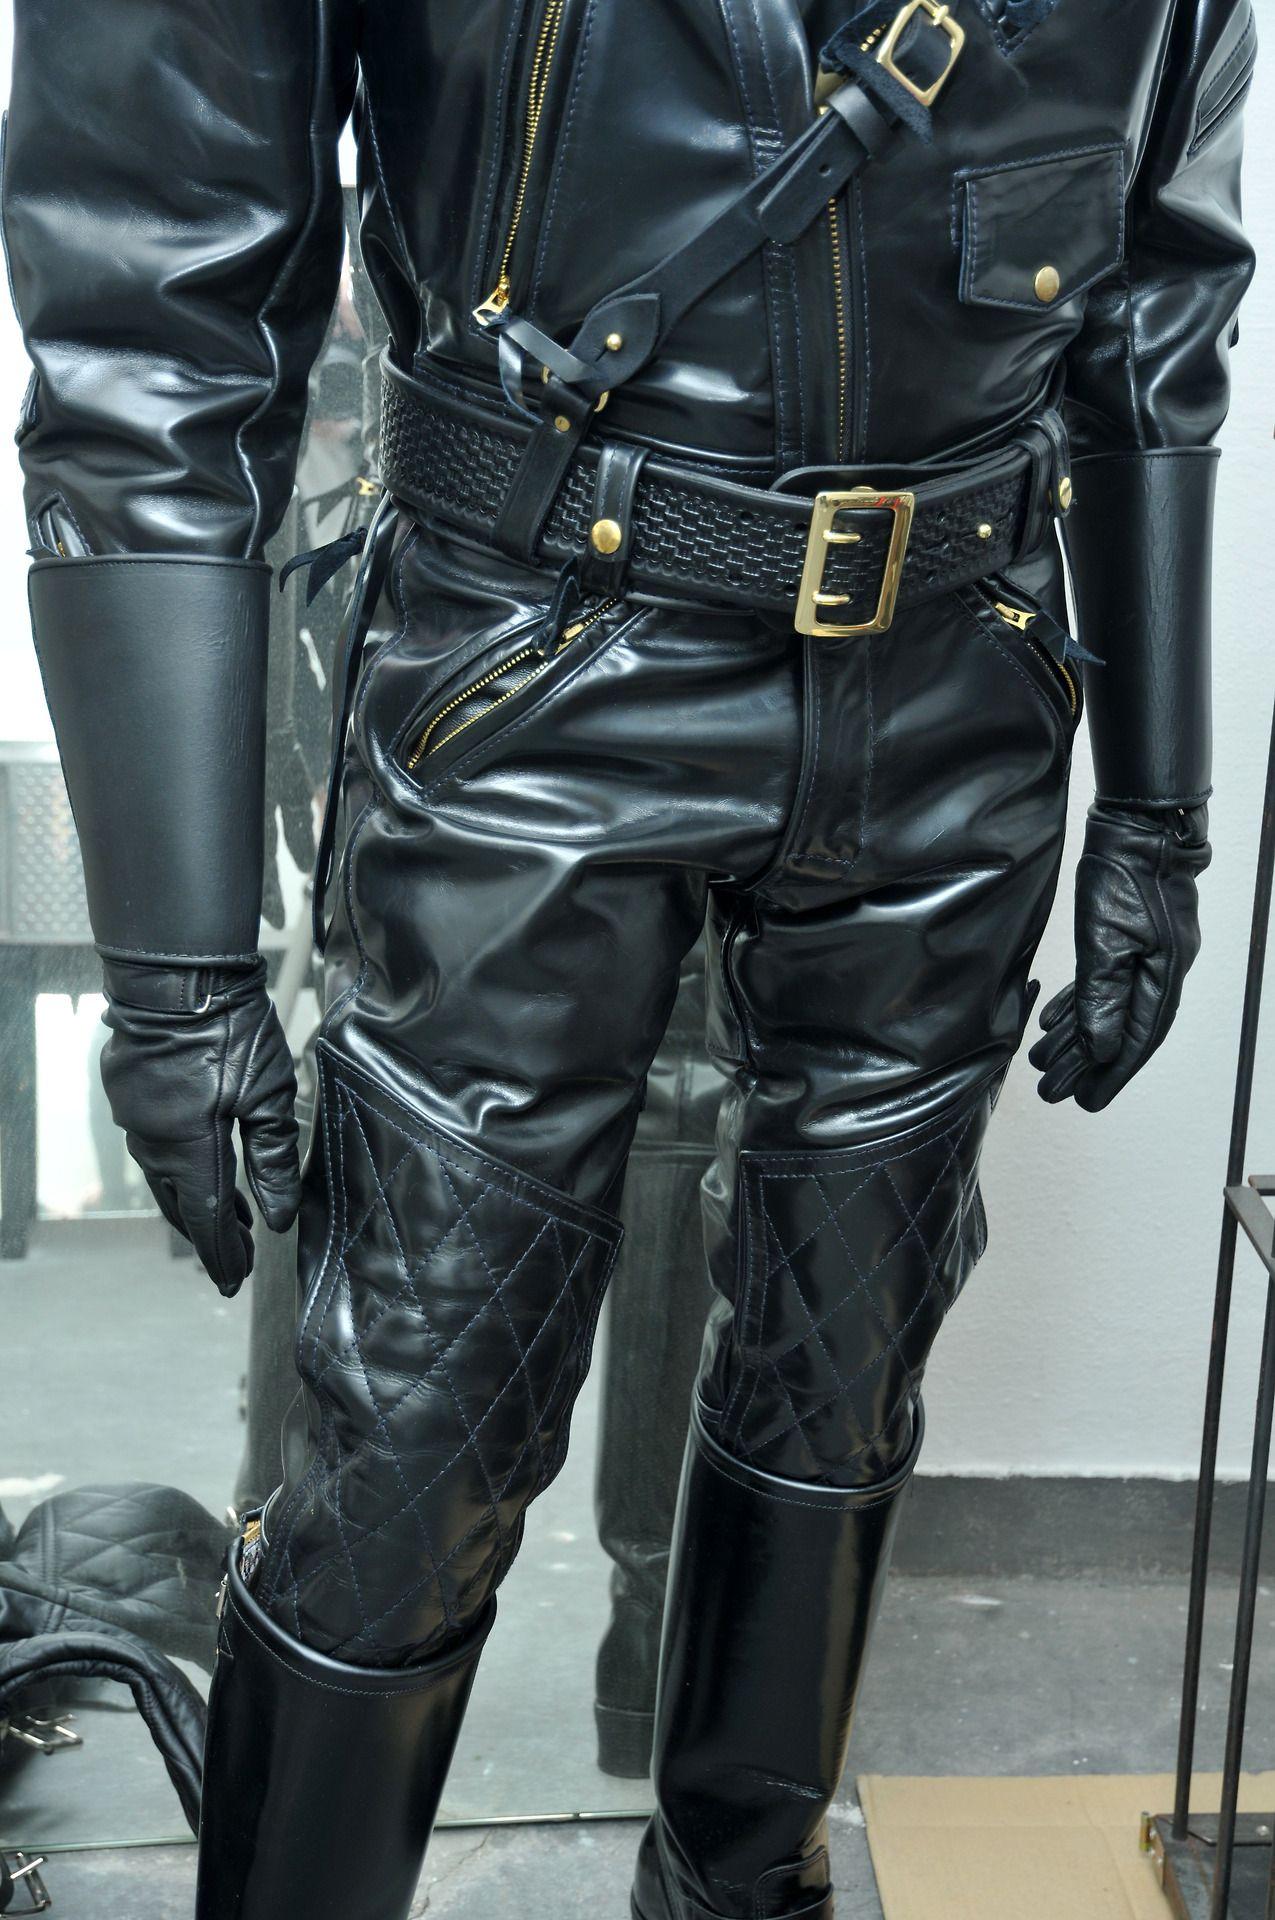 Langlitz leather jacket